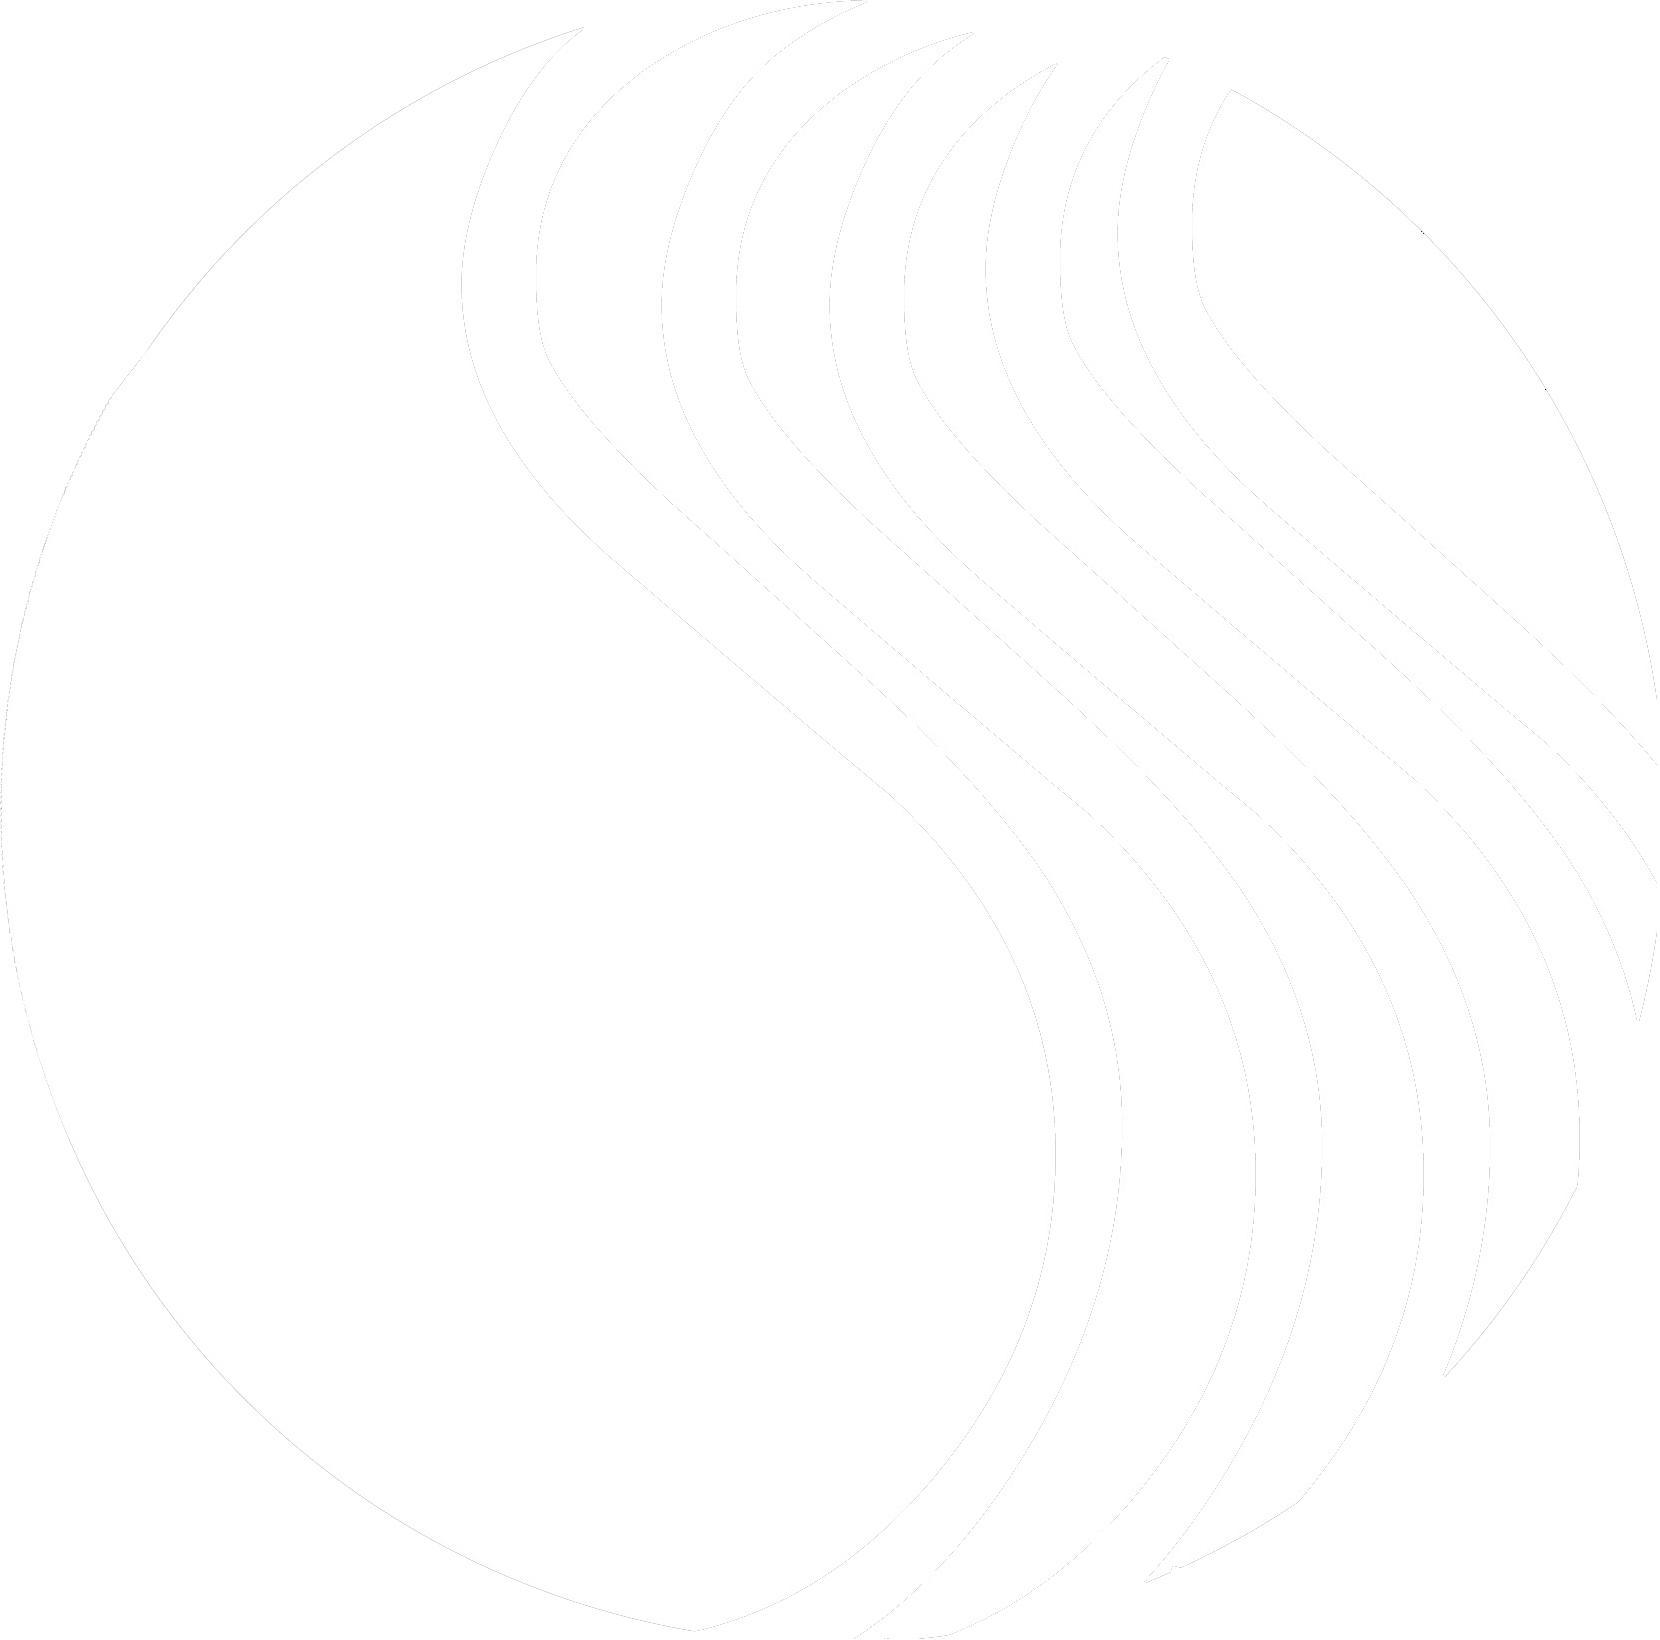 strngrball | Stranger High Fidelity